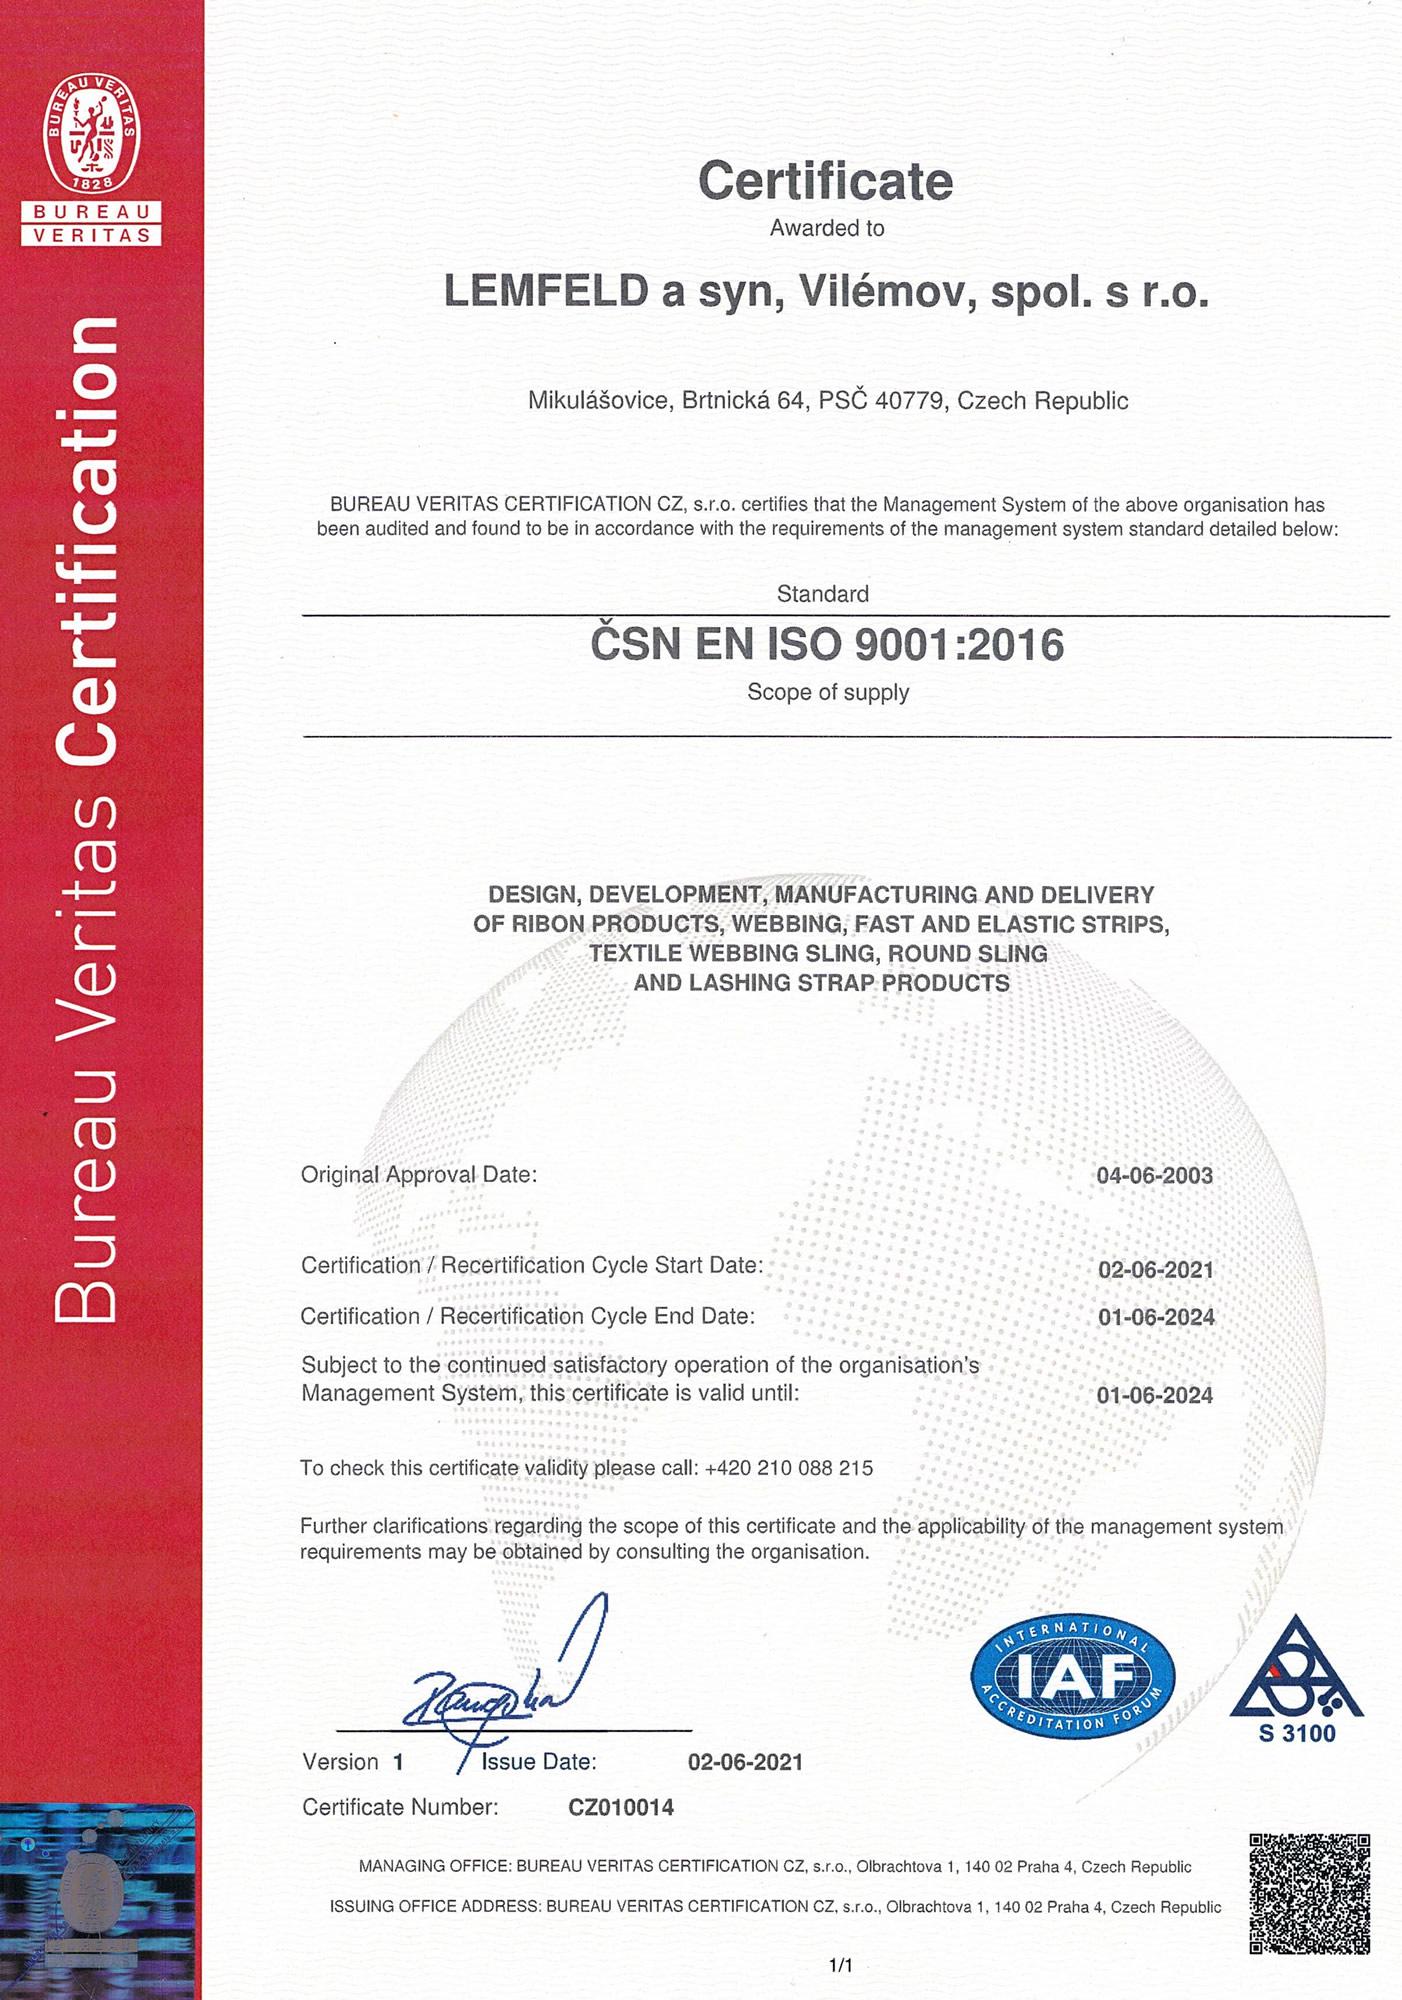 ČSN EN ISO 9001:2016